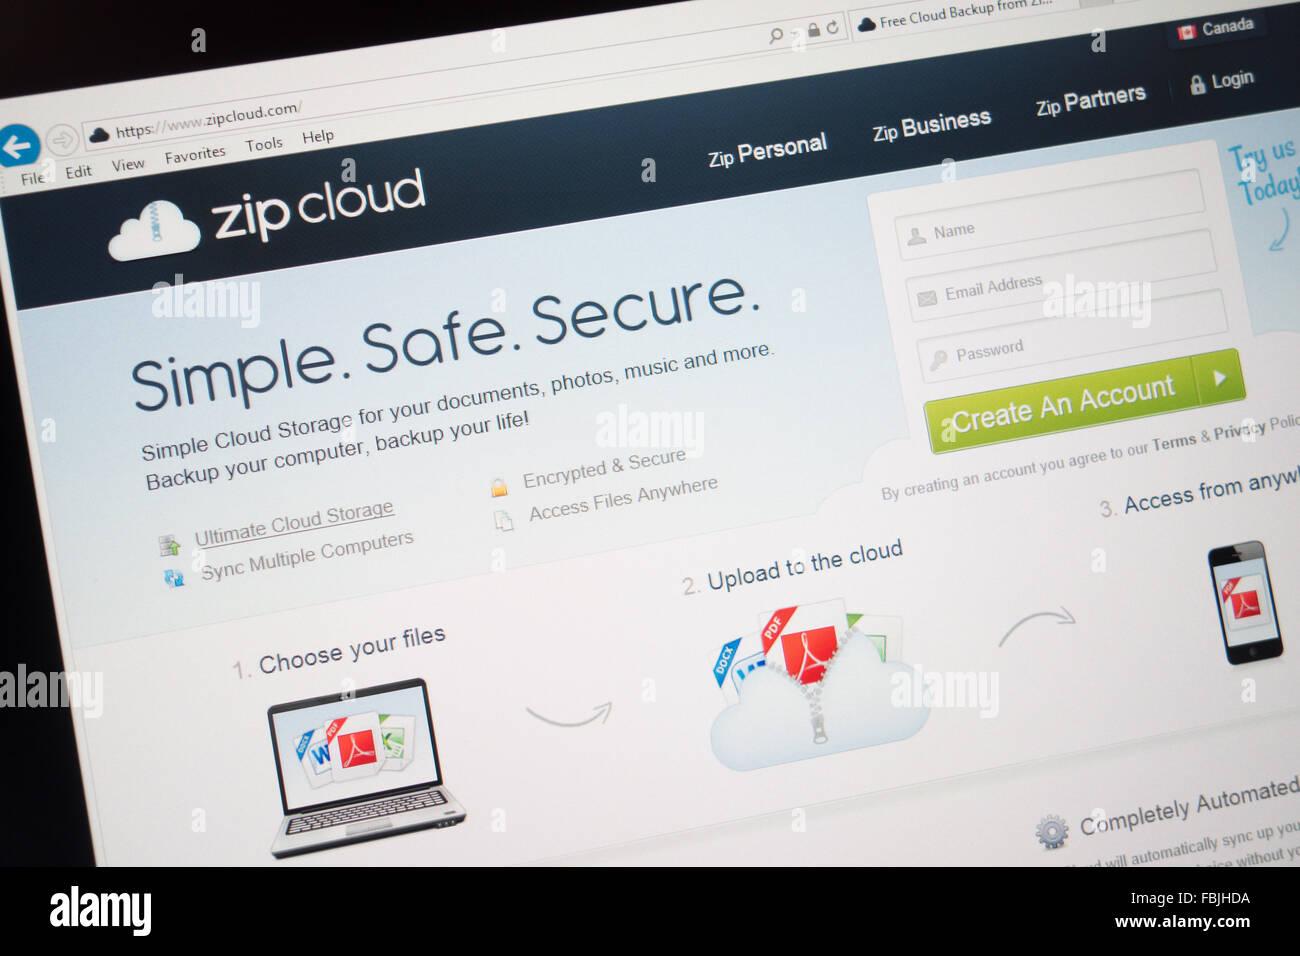 Sitio web de backup de datos en nube zipcloud Imagen De Stock